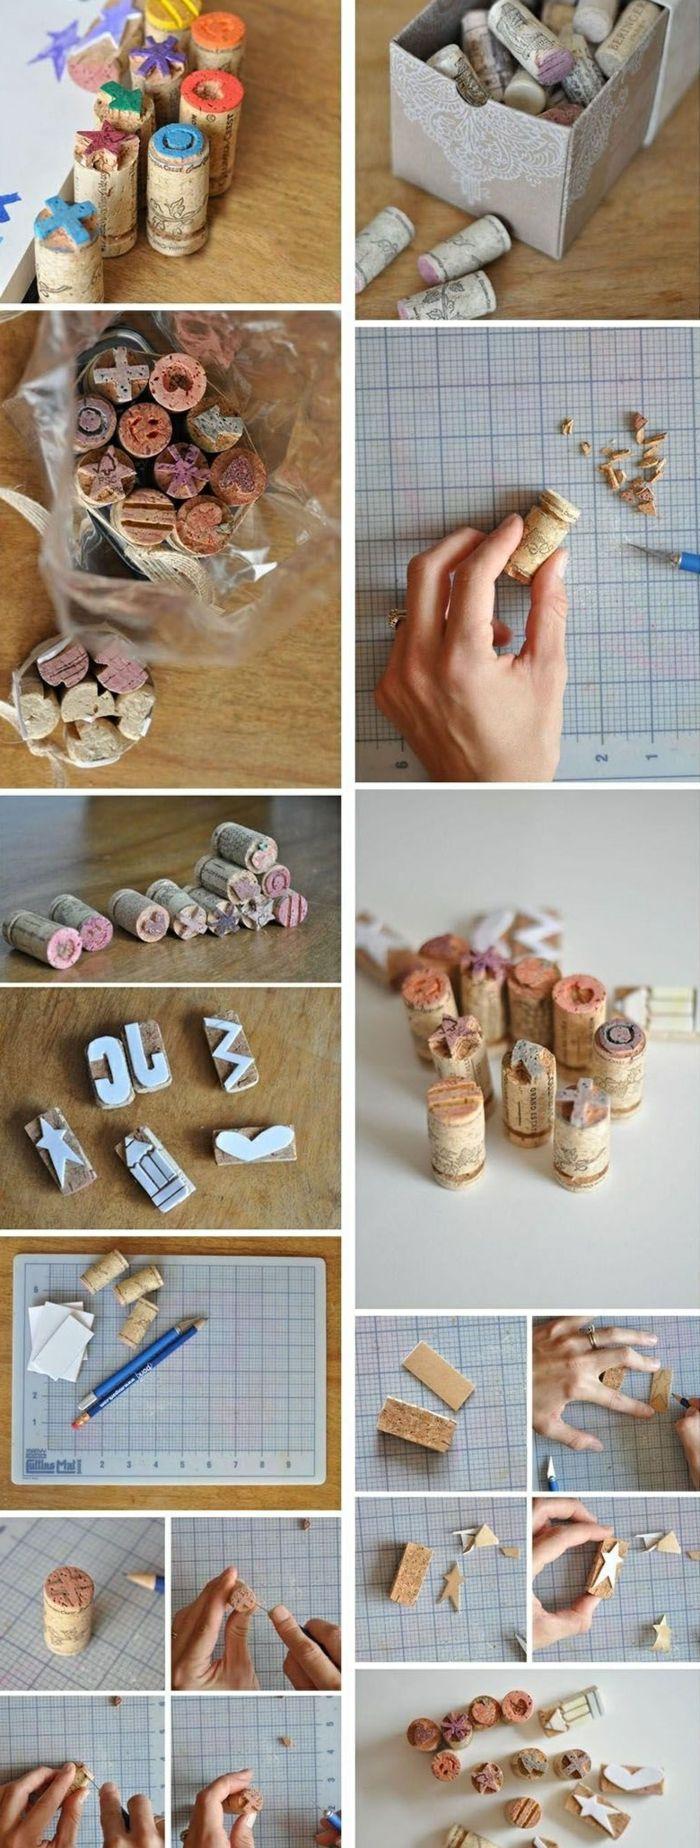 stempel selber machen, farbe, box, papier, bleistift, cutter